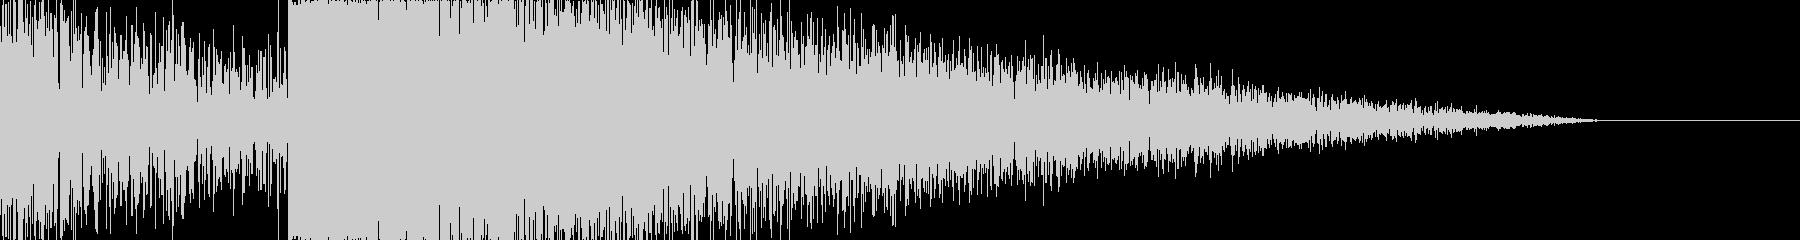 雷 落雷の音 ゴロゴロ ガシャーンの未再生の波形